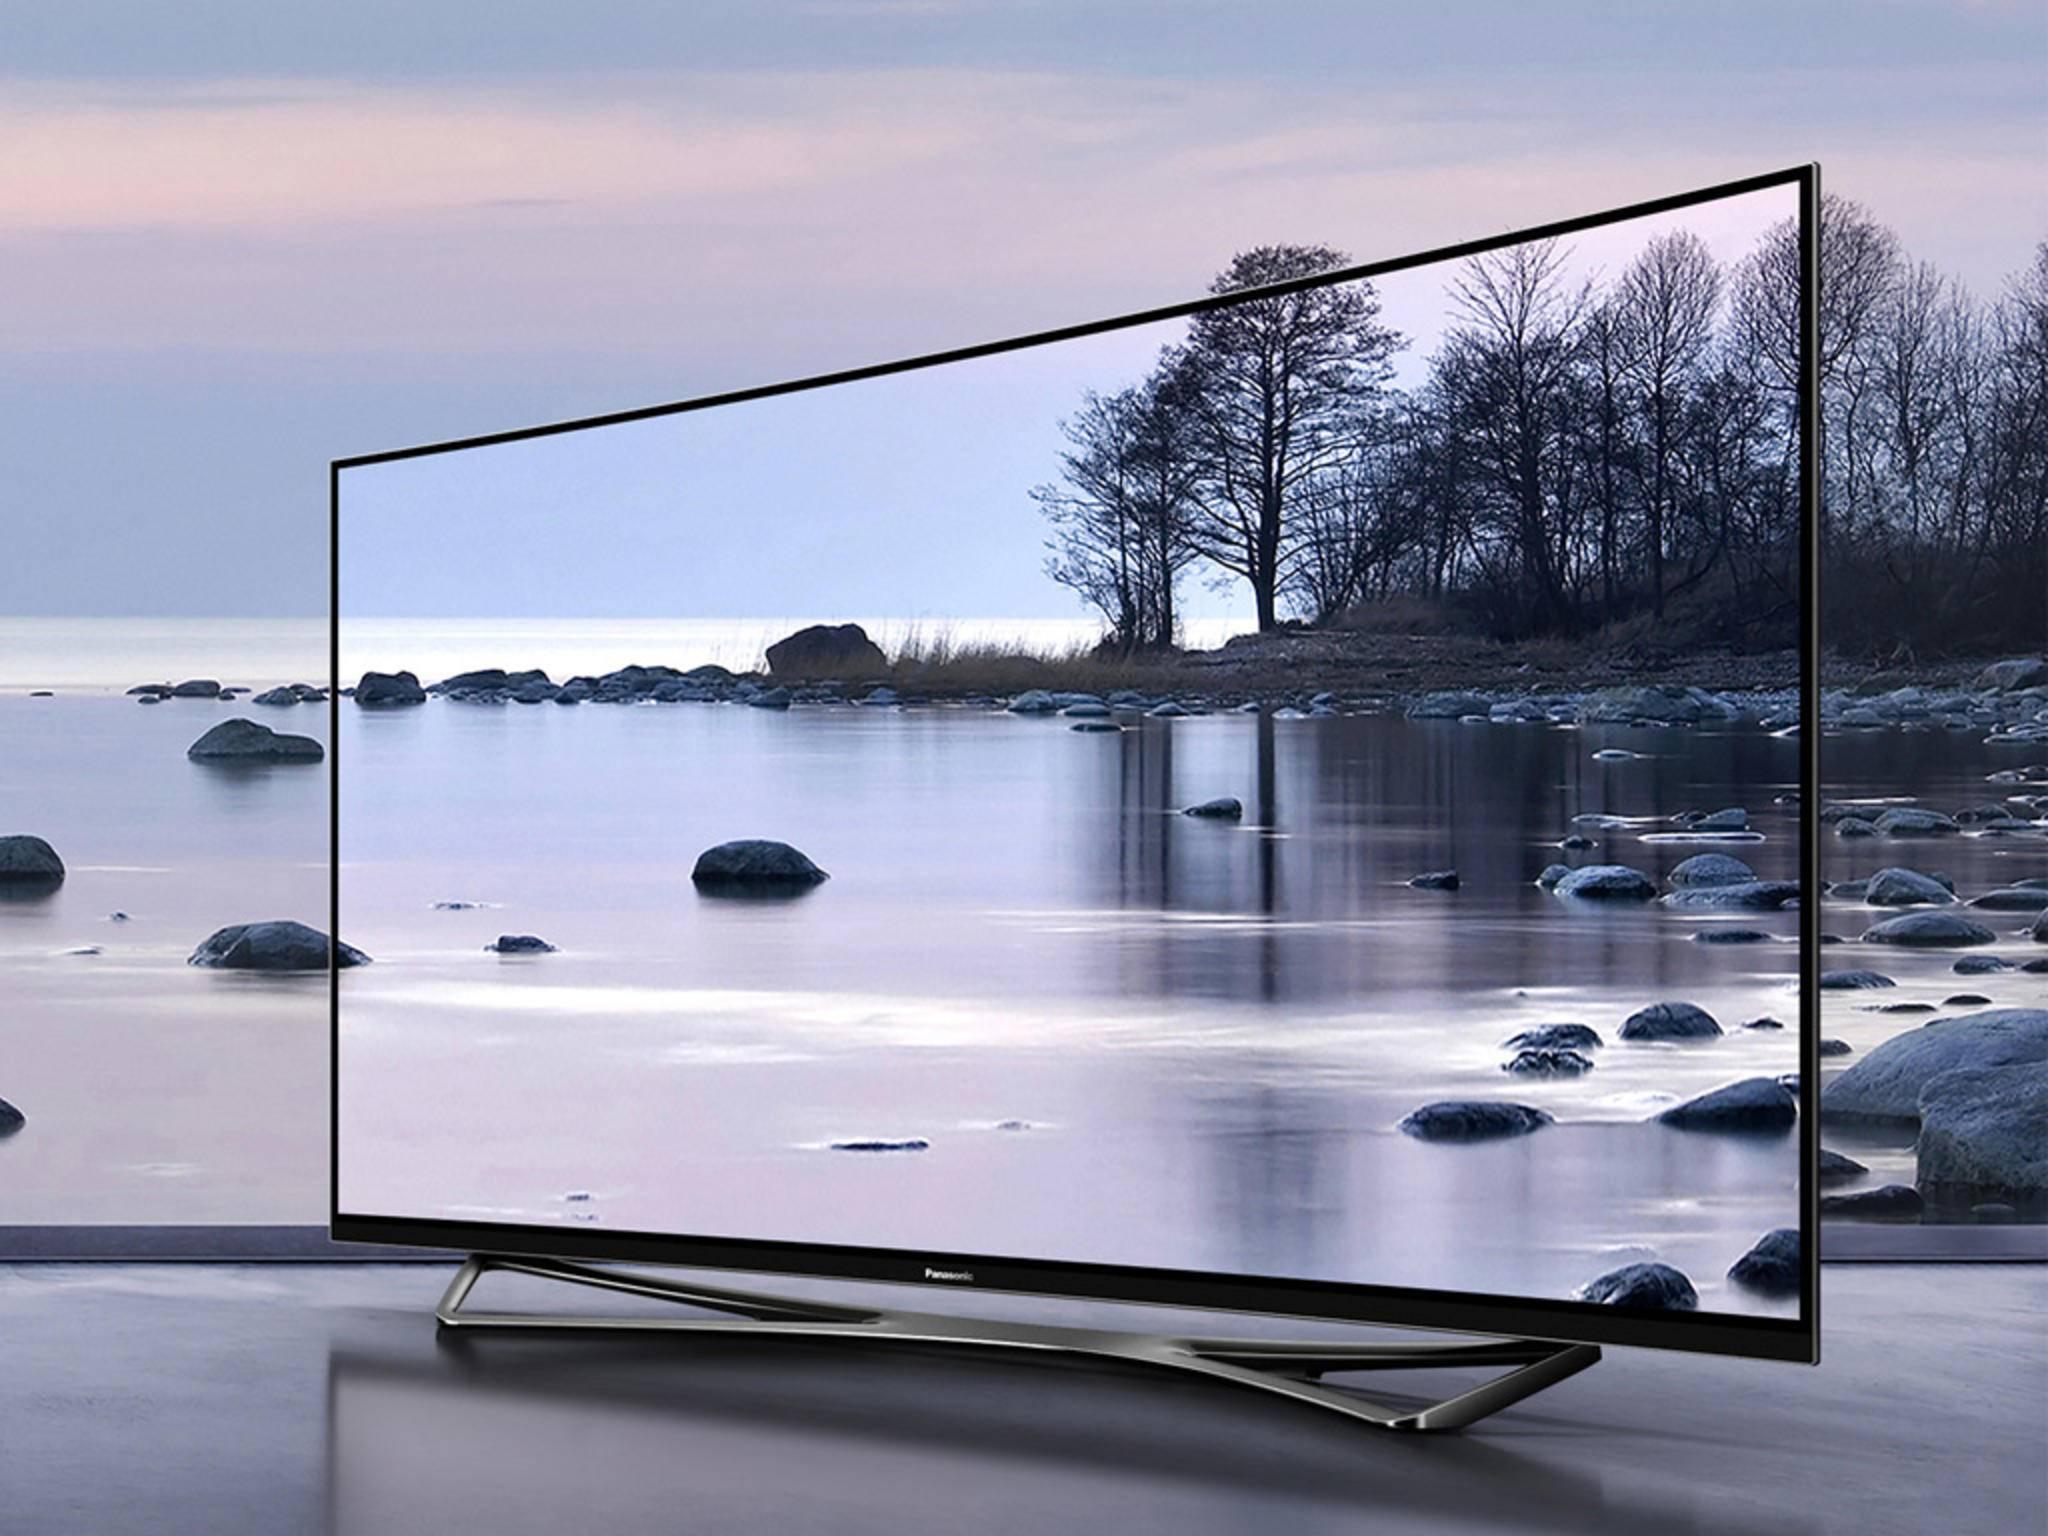 Groß sollte er sein, der neue Fernseher – aber welche Technologie ist die beste?